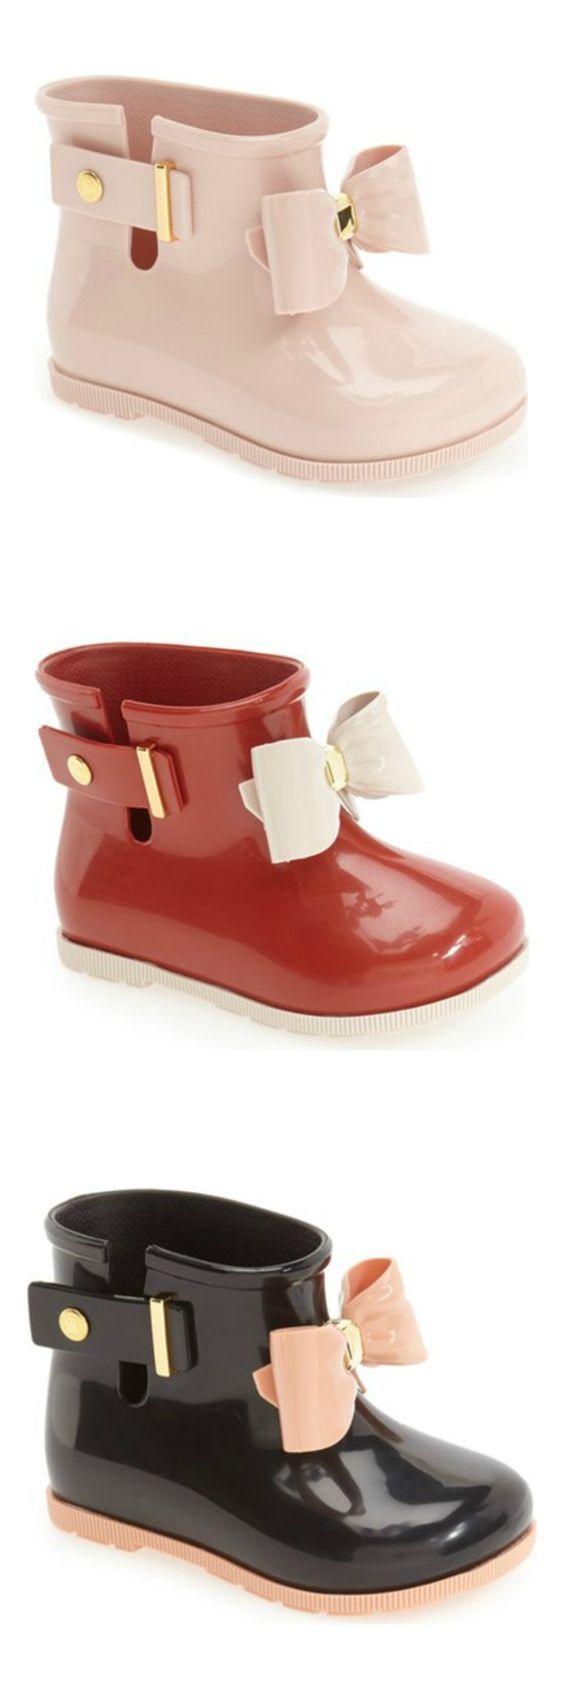 rain boots - way too cute!